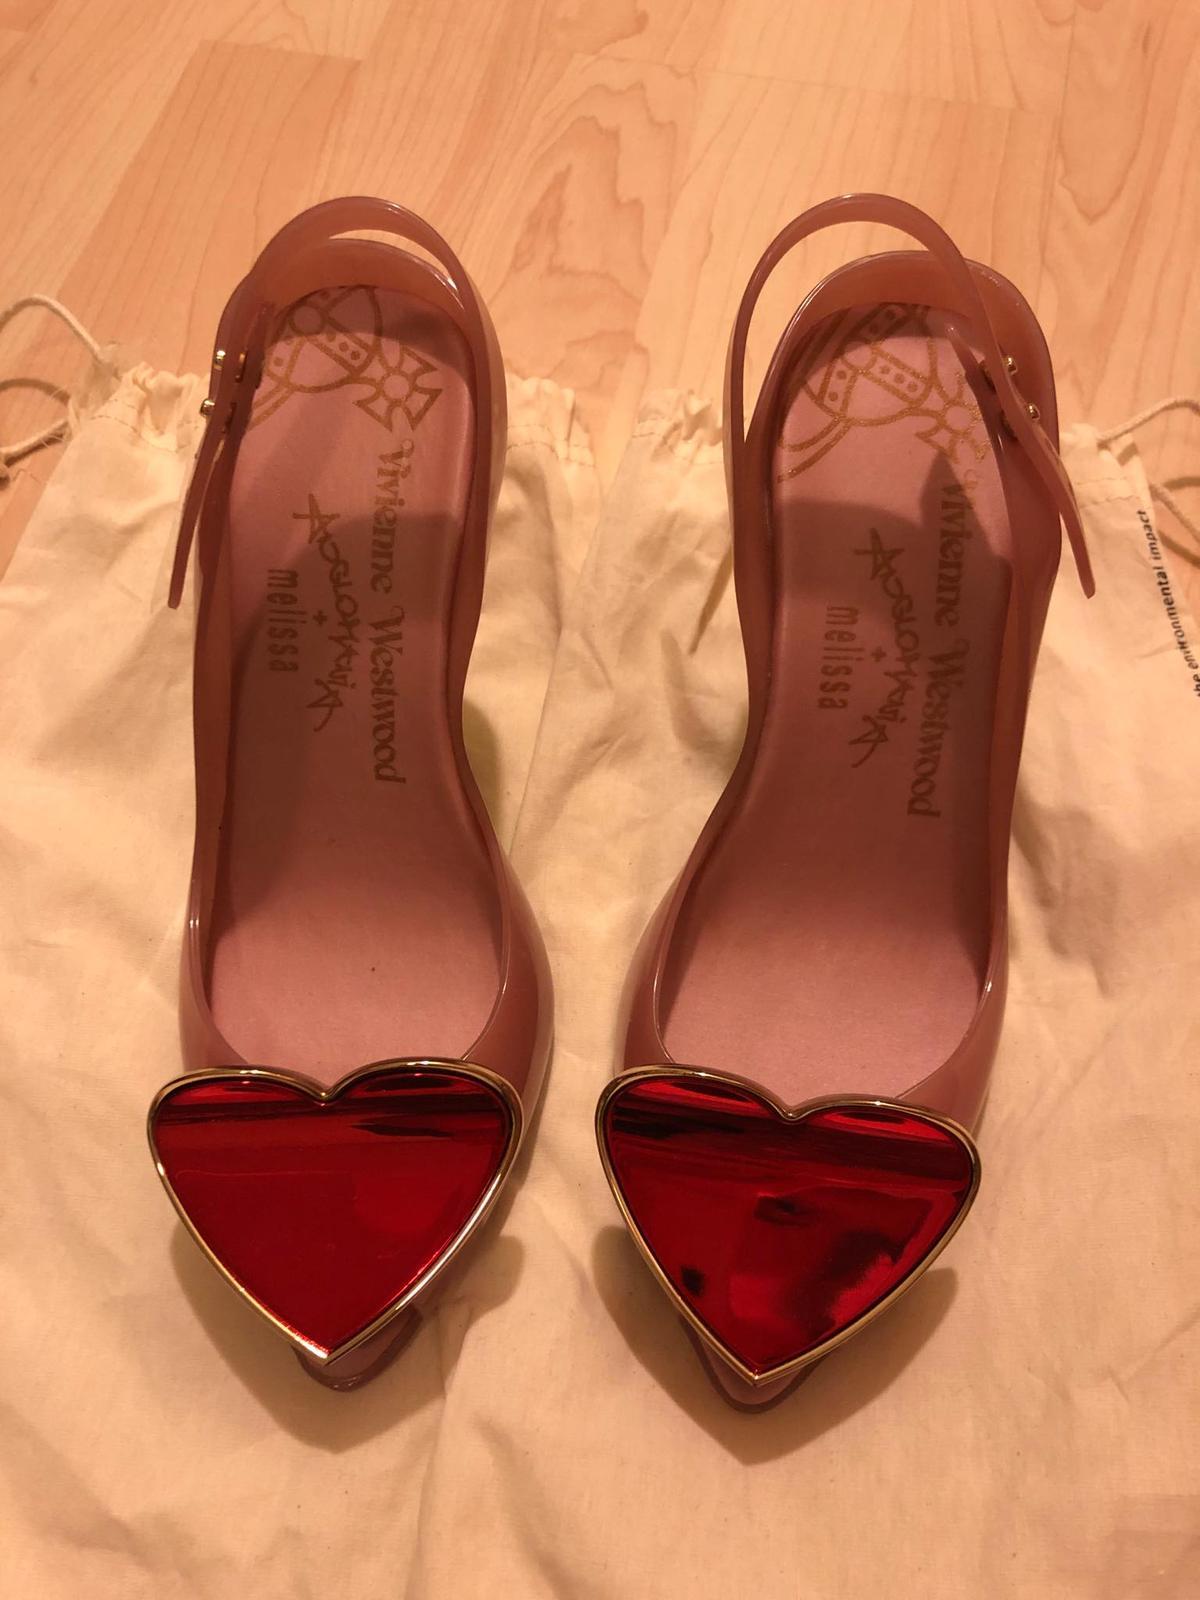 Melissa + Vivienne Westwood sandálky  - Obrázok č. 1